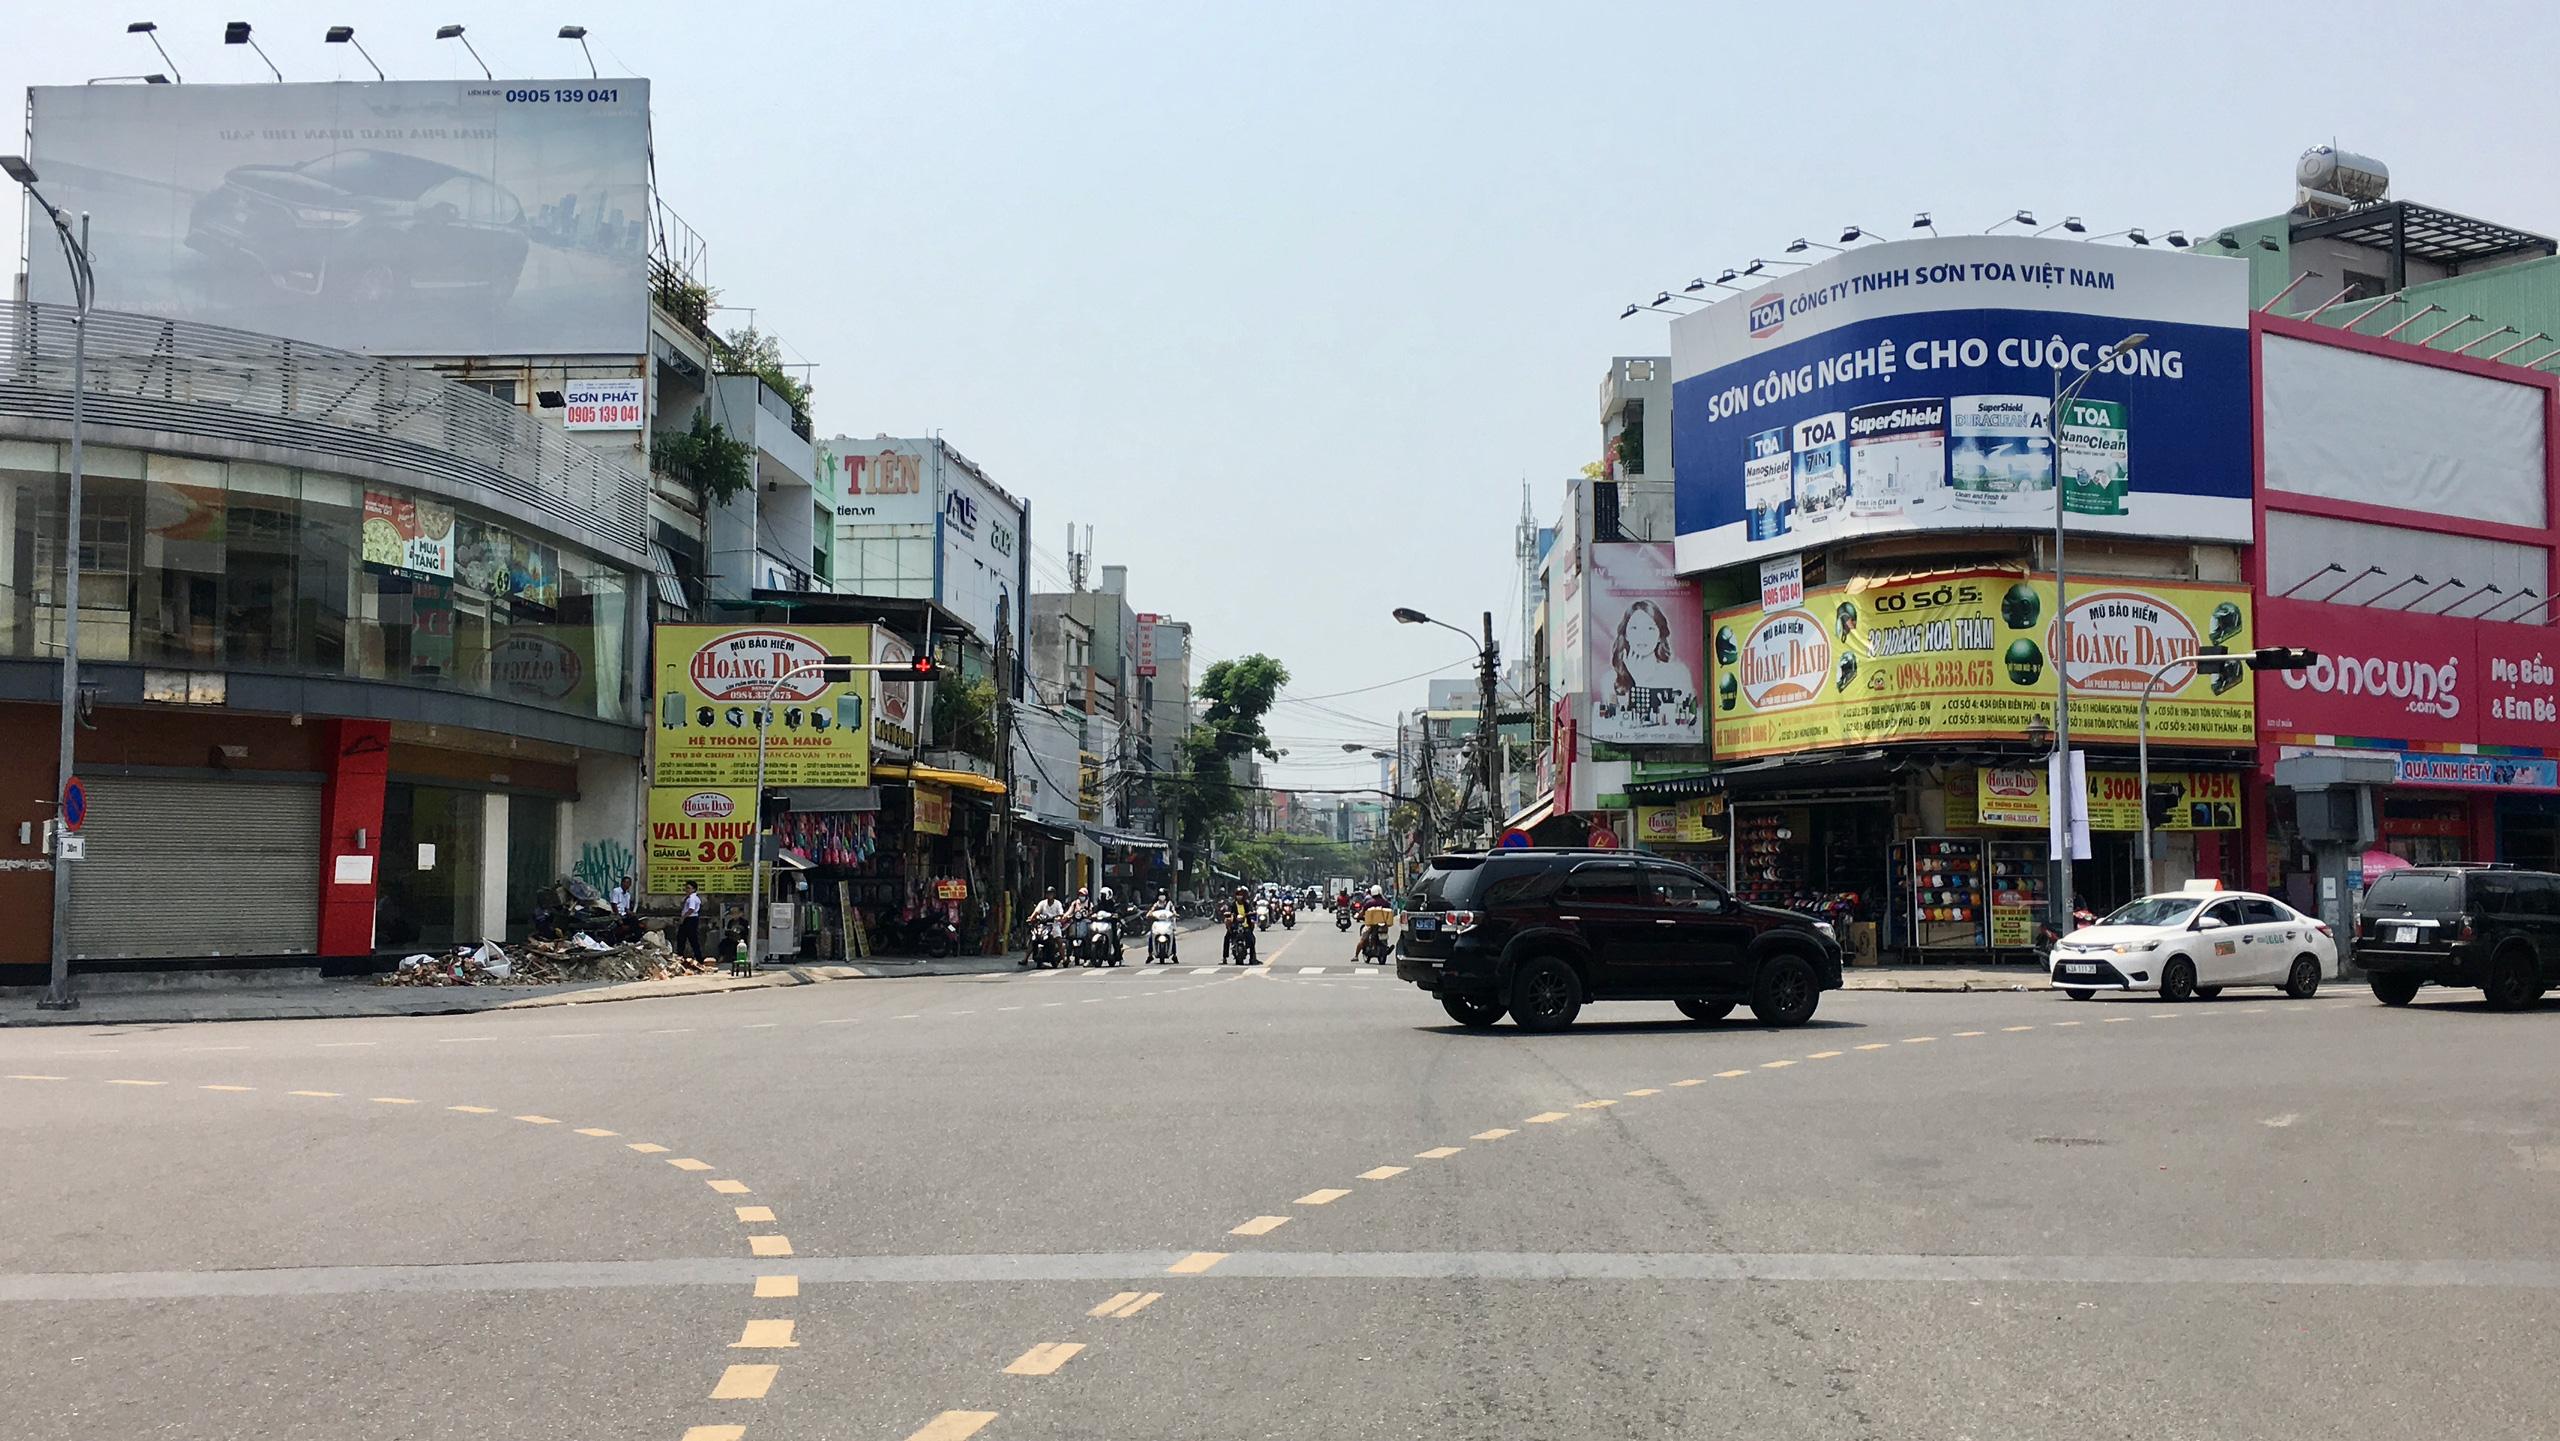 Đà Nẵng quy hoạch mở đường Hoàng Hoa Thám xuyên qua Ga đường sắt đến đường Nguyễn Tất Thành - Ảnh 5.